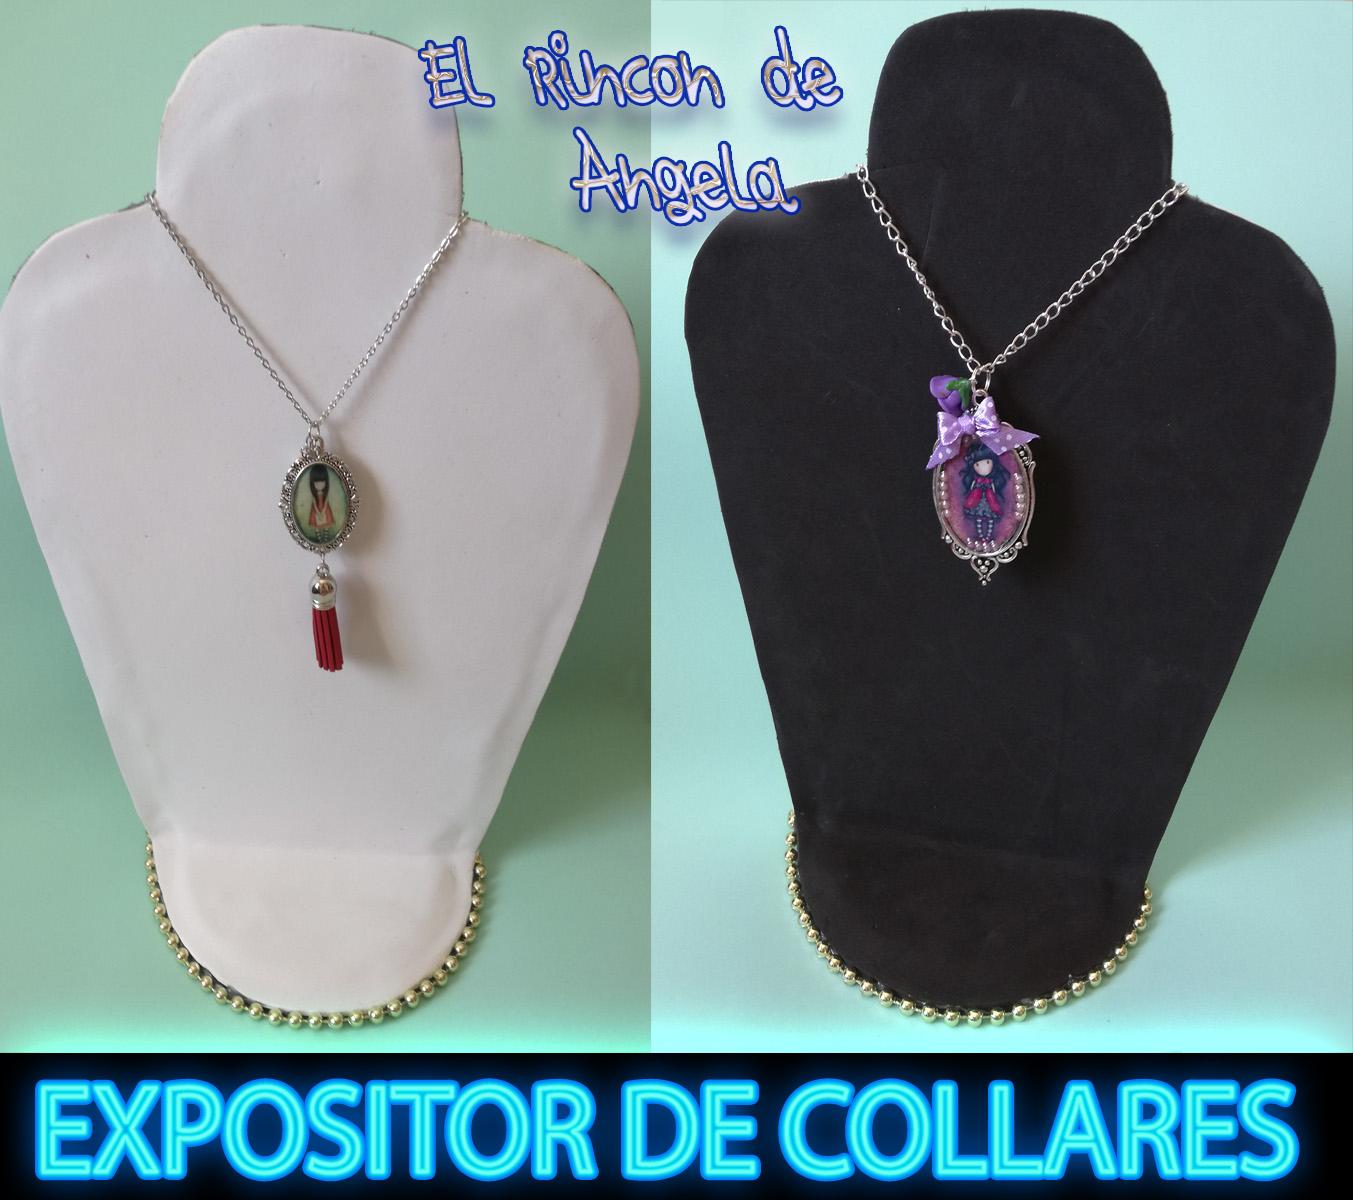 17e3fb9f5184 Como hacer un expositor de collares. Exhibidor de collares. Porta collares.  Necklace Display